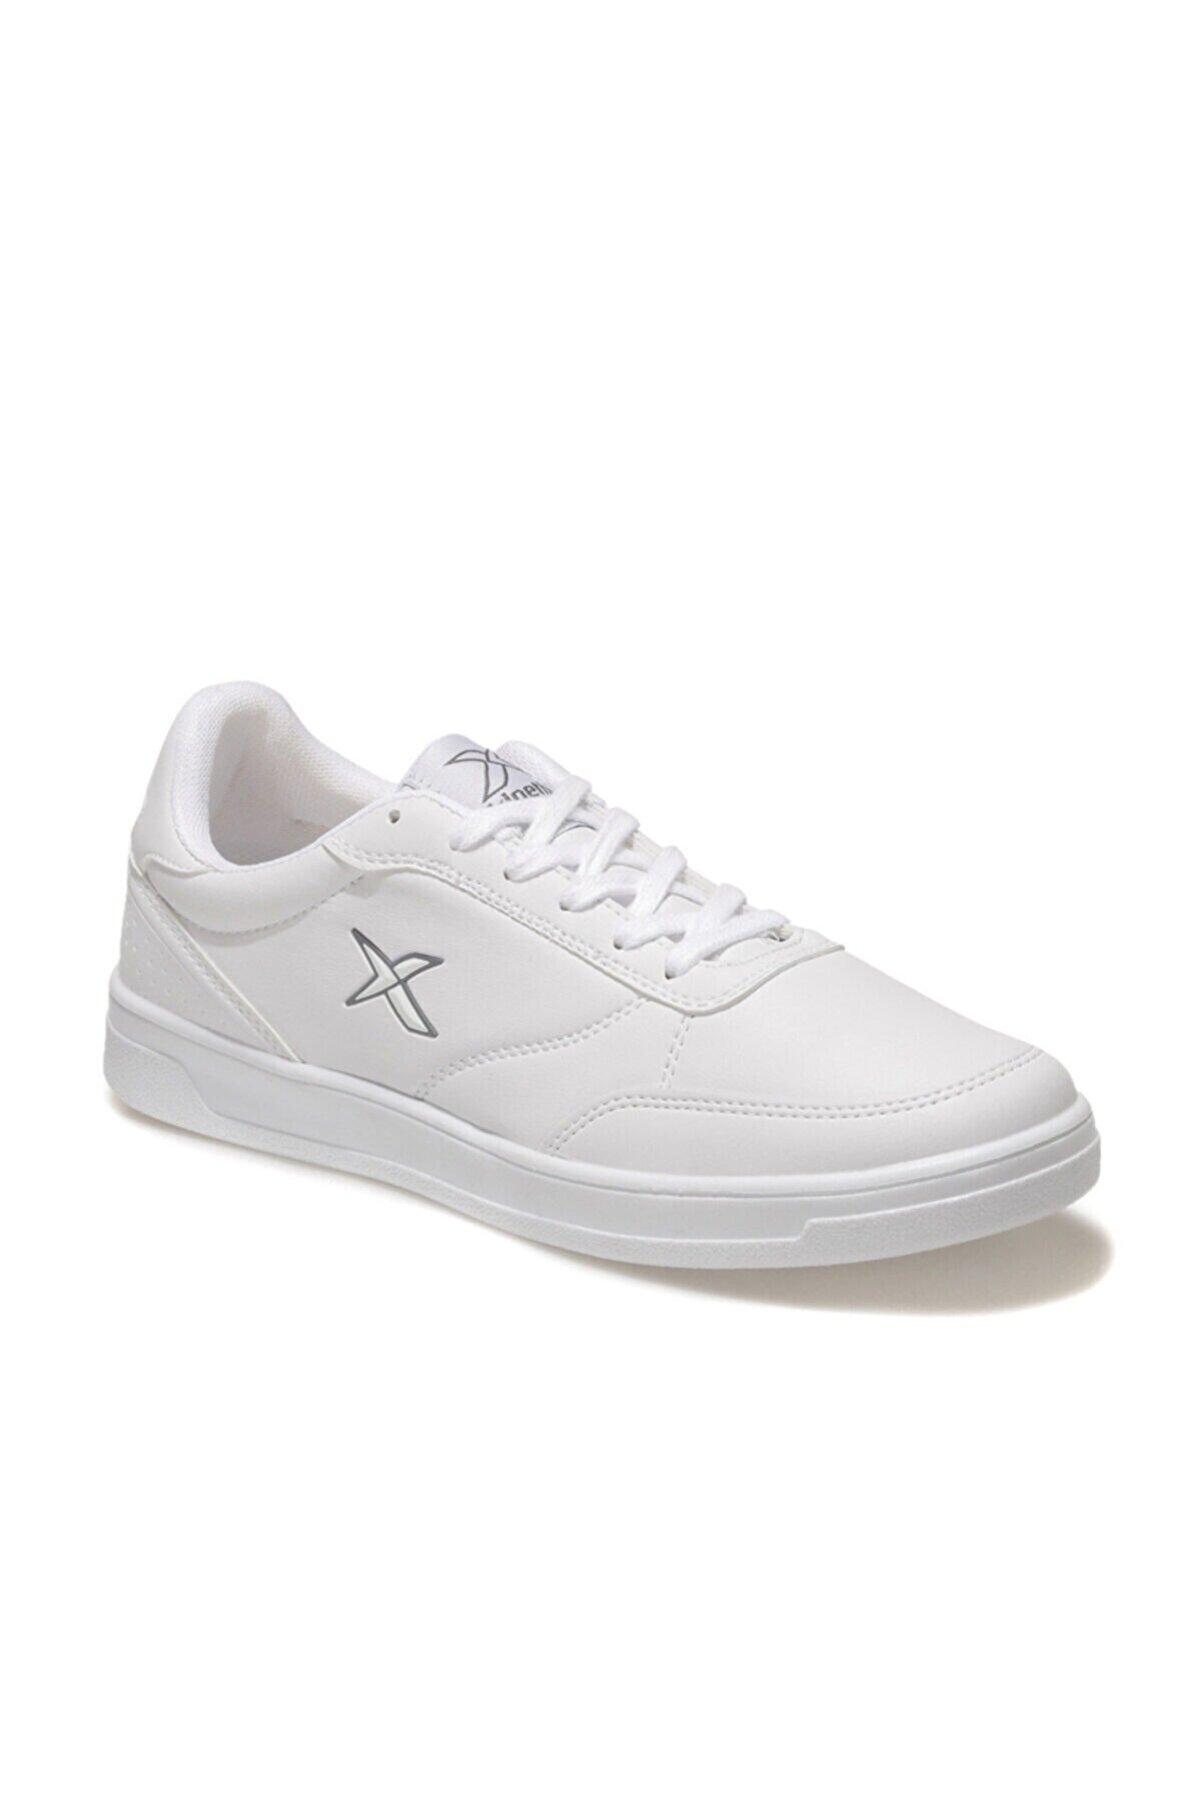 Kinetix KARL PU M 1FX Beyaz Erkek Sneaker Ayakkabı 100785407